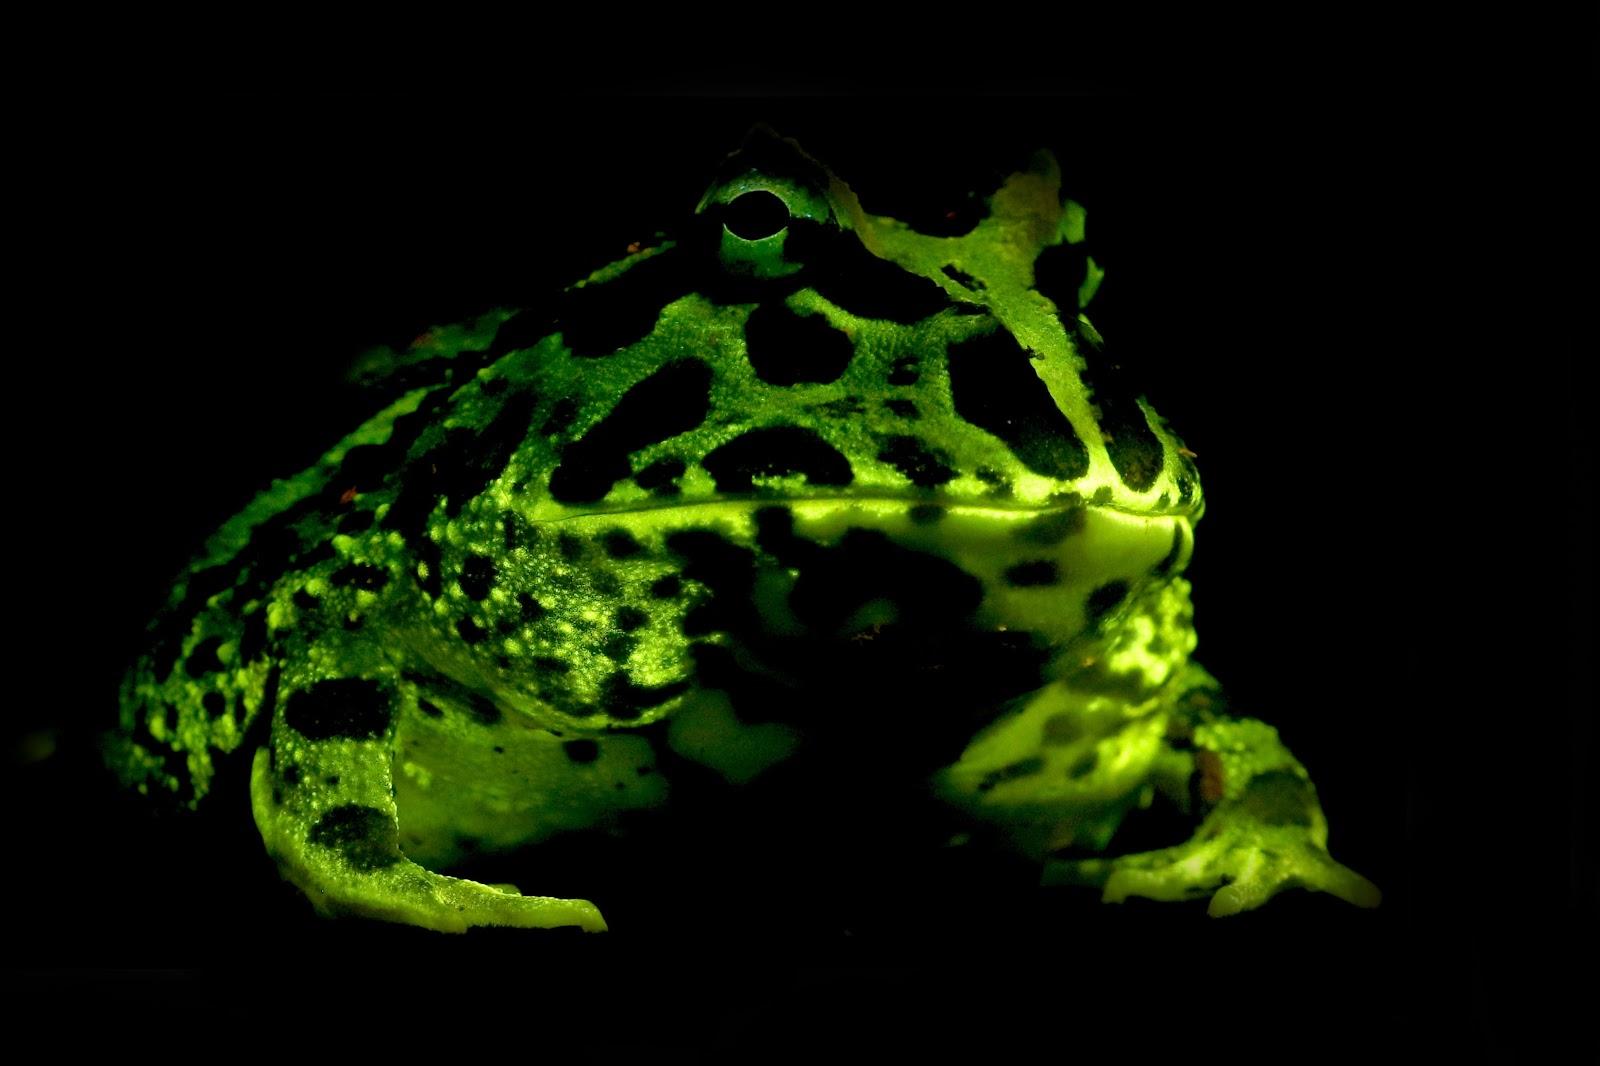 Зеленая биофлуоресценция амфибий, таких как эта лягушка Крансвелла (Ceratophrys cranwelli), может помочь биологам обнаружить новые виды, которые активны в темное время суток